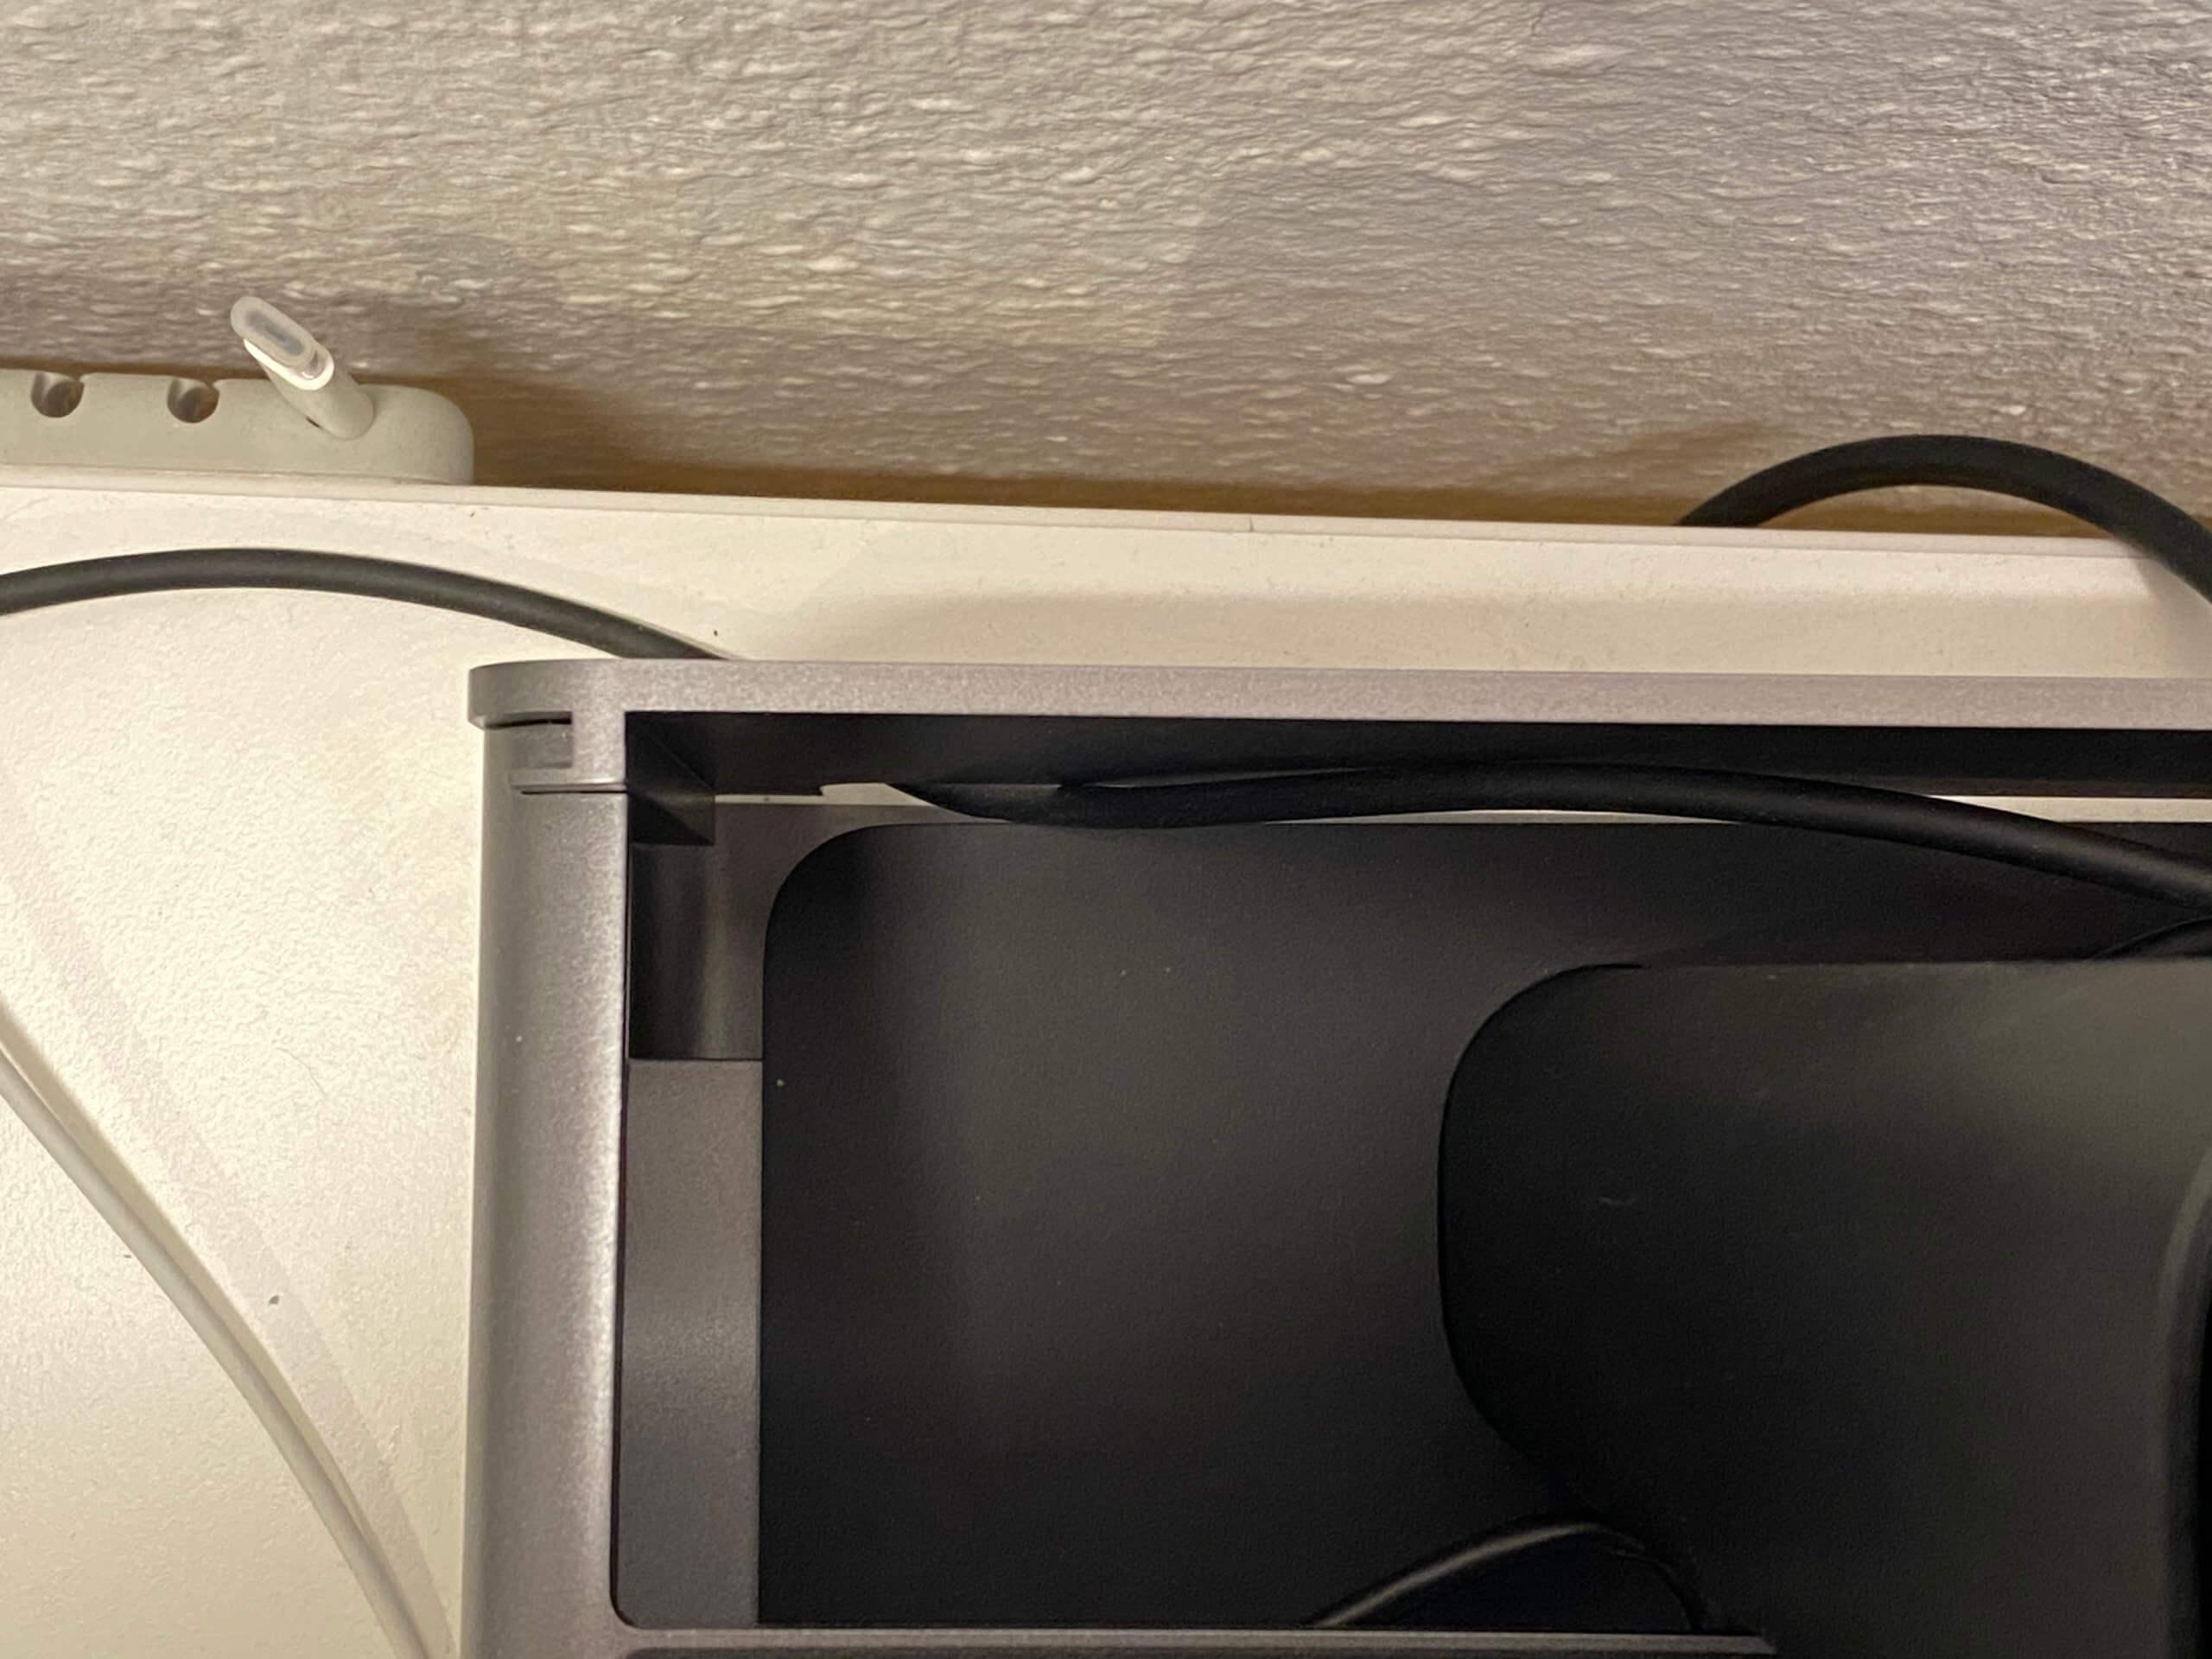 Steht der LG UltraFine auf der höhenverstellbaren Ebene, wird die Kabelführung enorm eingeschränkt.